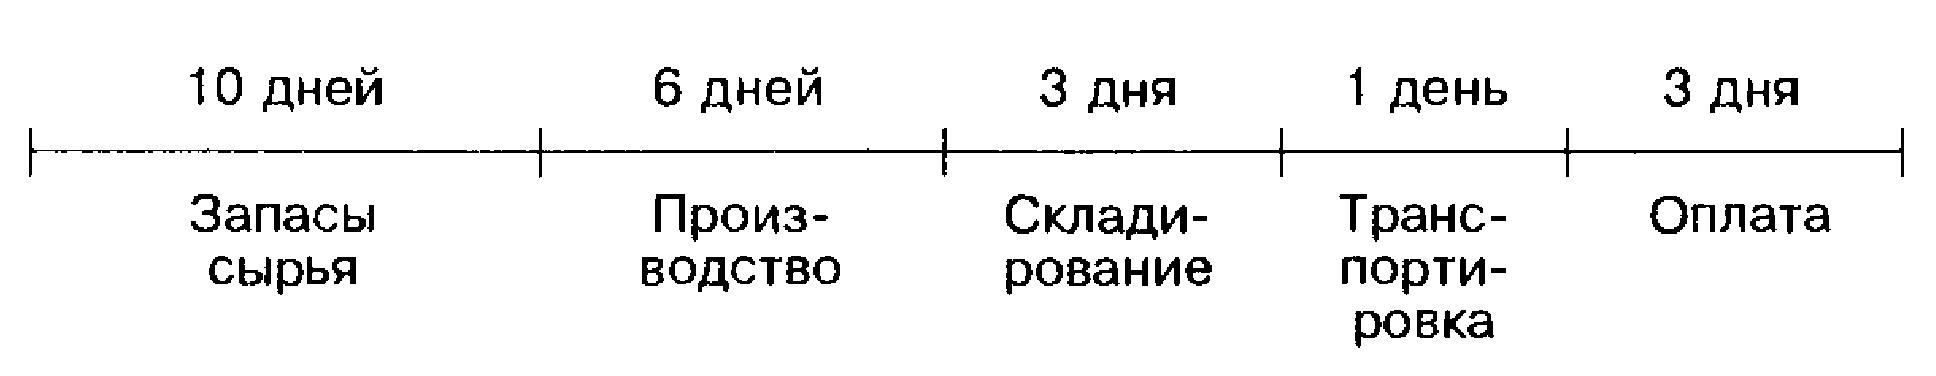 Схема производительного процесса